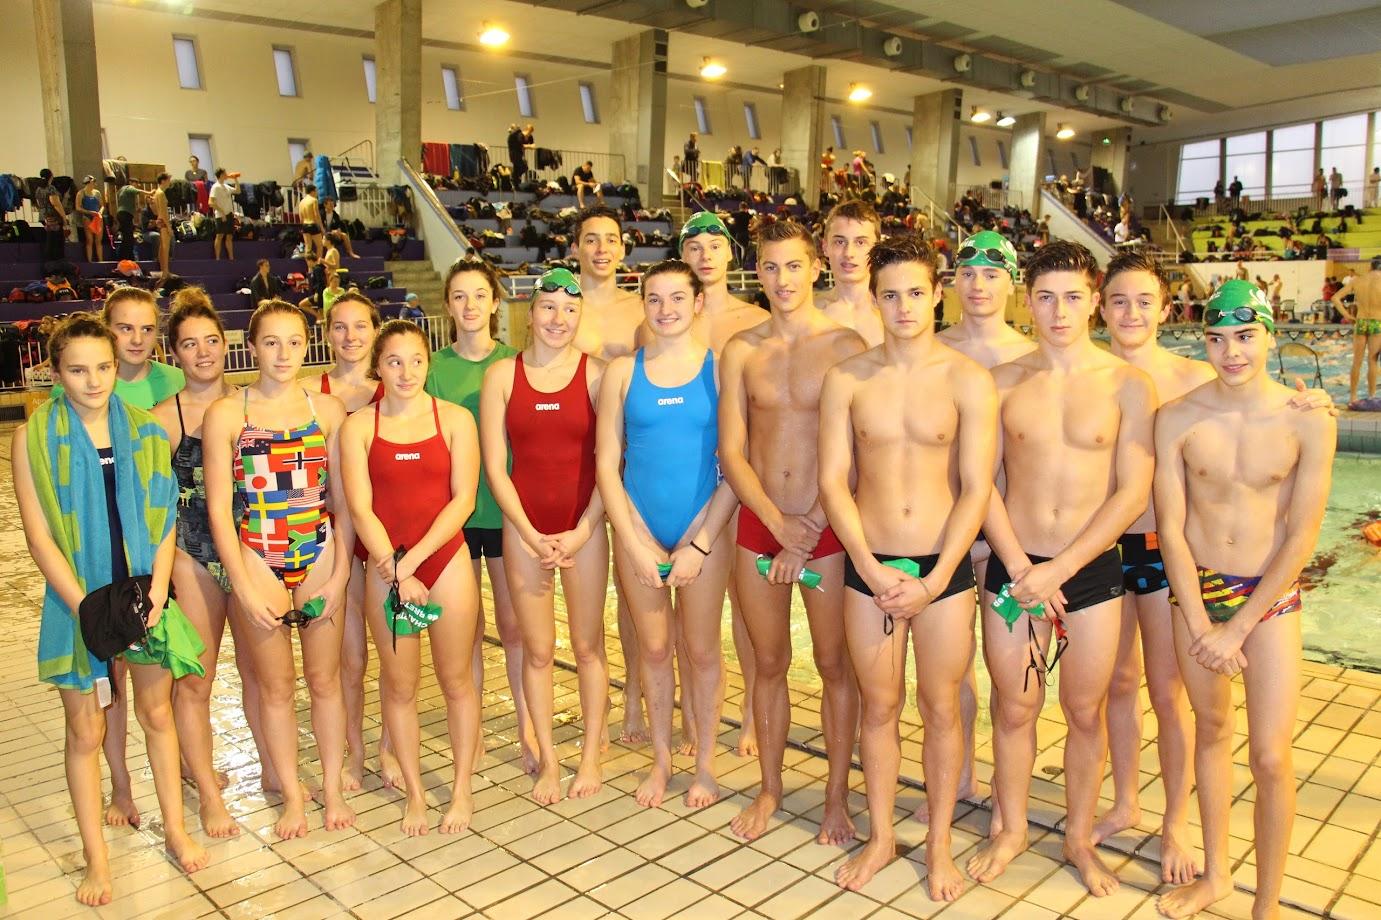 Championnats N2 à Chartres du 16 au 18 décembre 2016